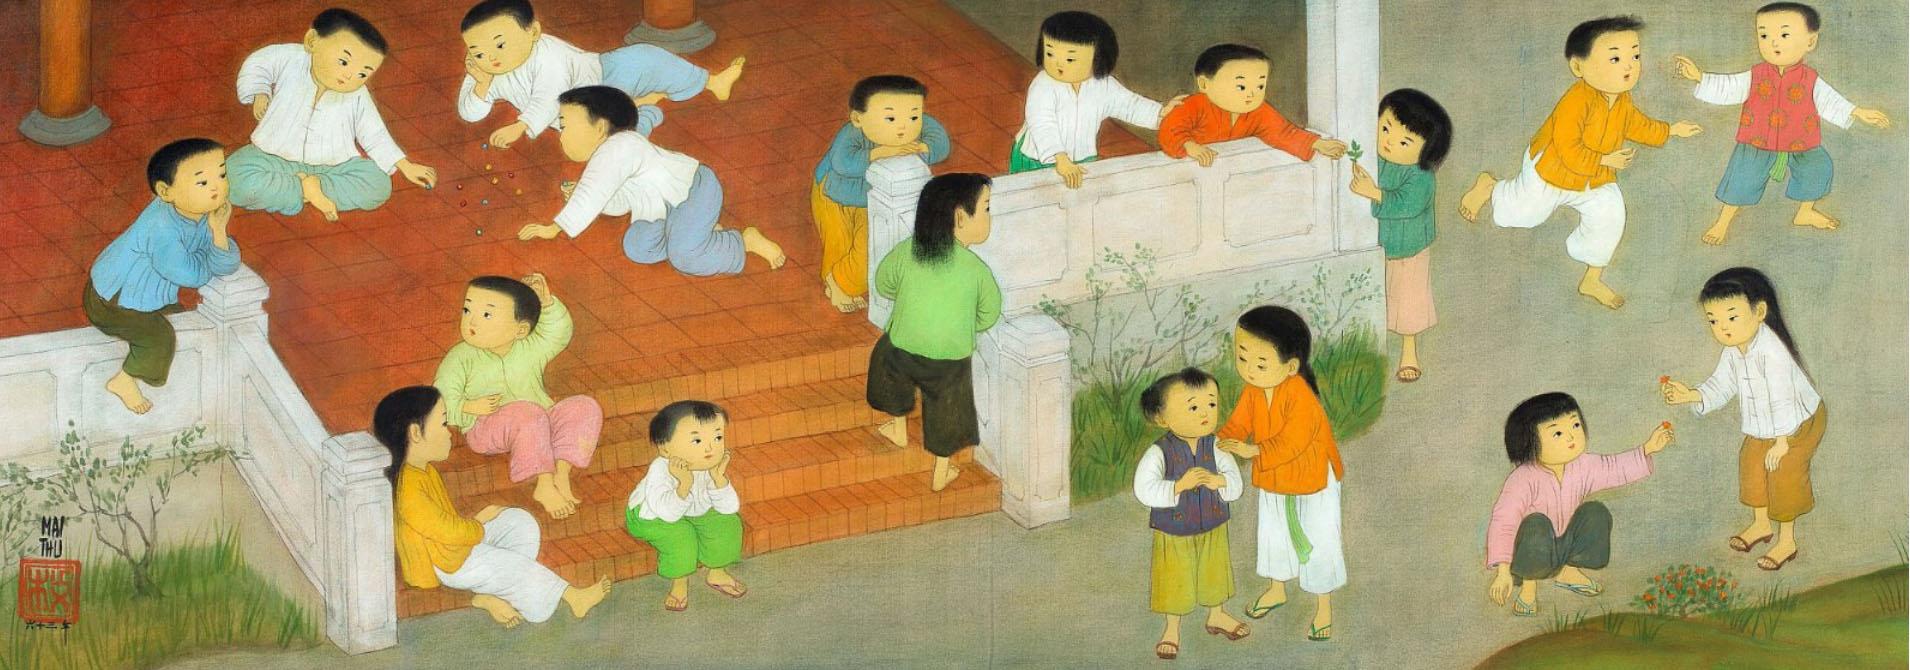 Tưởng nhớ họa sĩ Mai Trung Thứ - 7